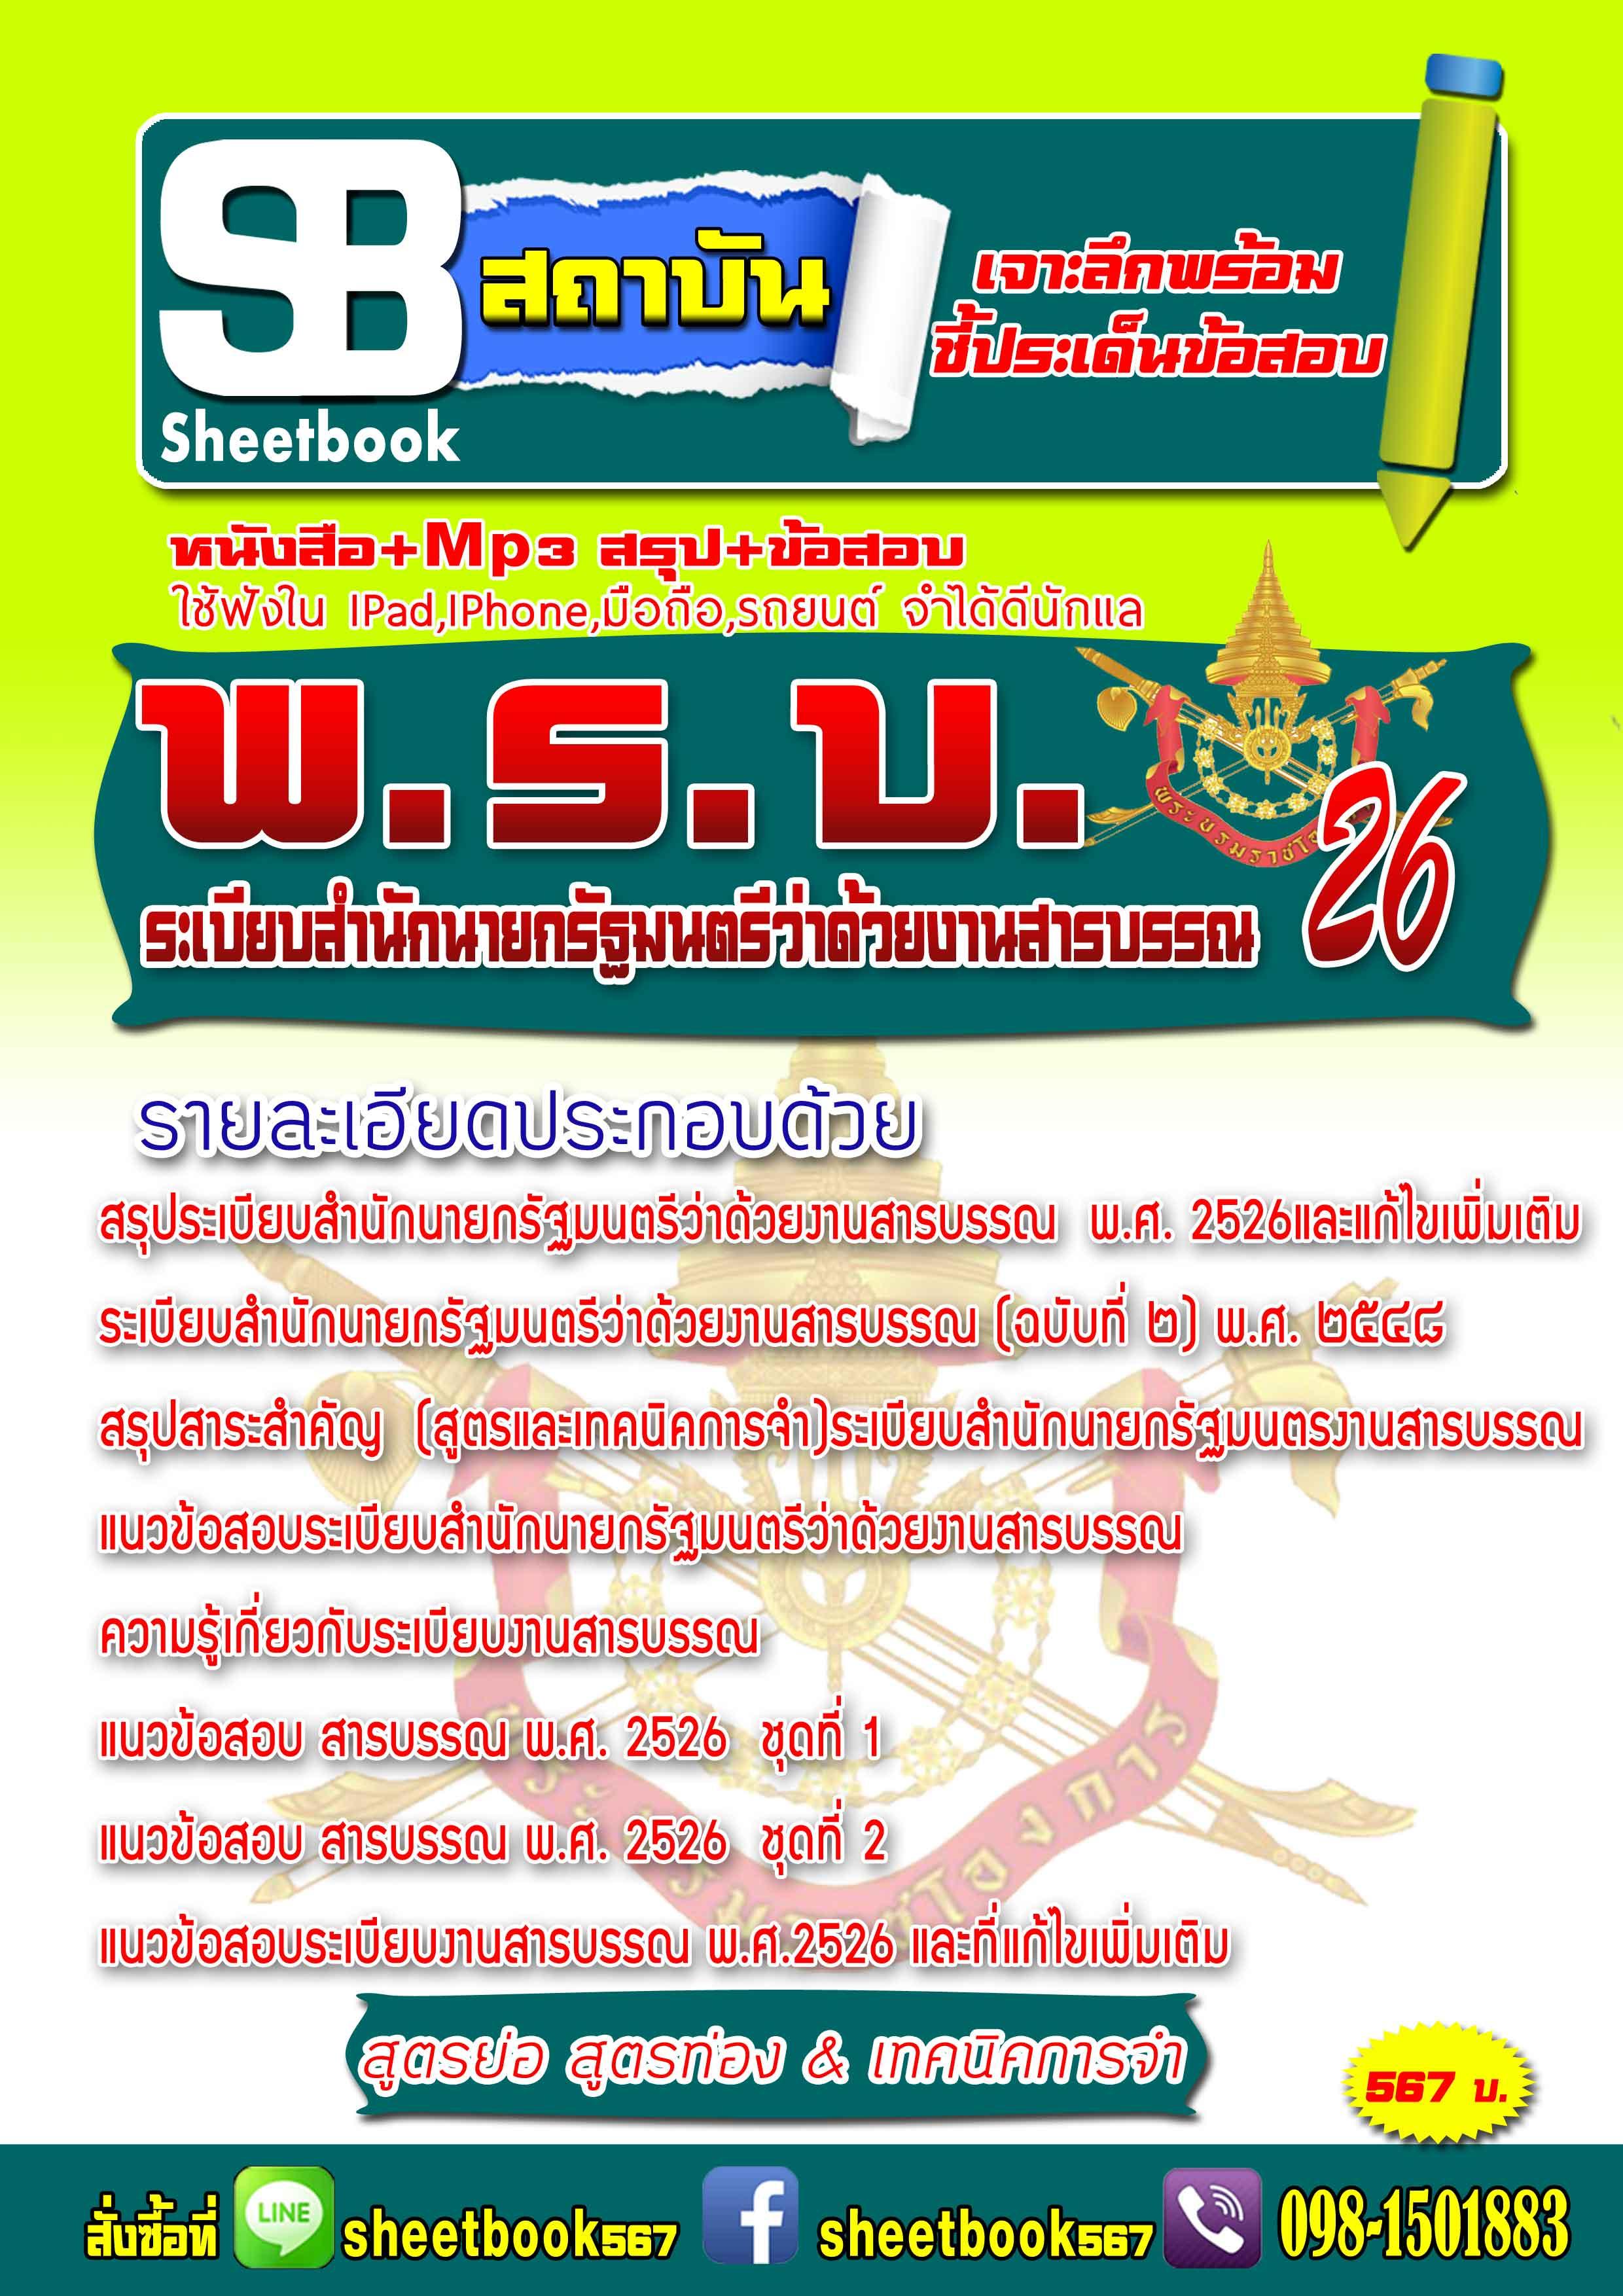 หนังสือ+Mp3 ระเบียบสำนักนายกรัฐมนตรีว่าด้วยงานสารบรรณ 2526